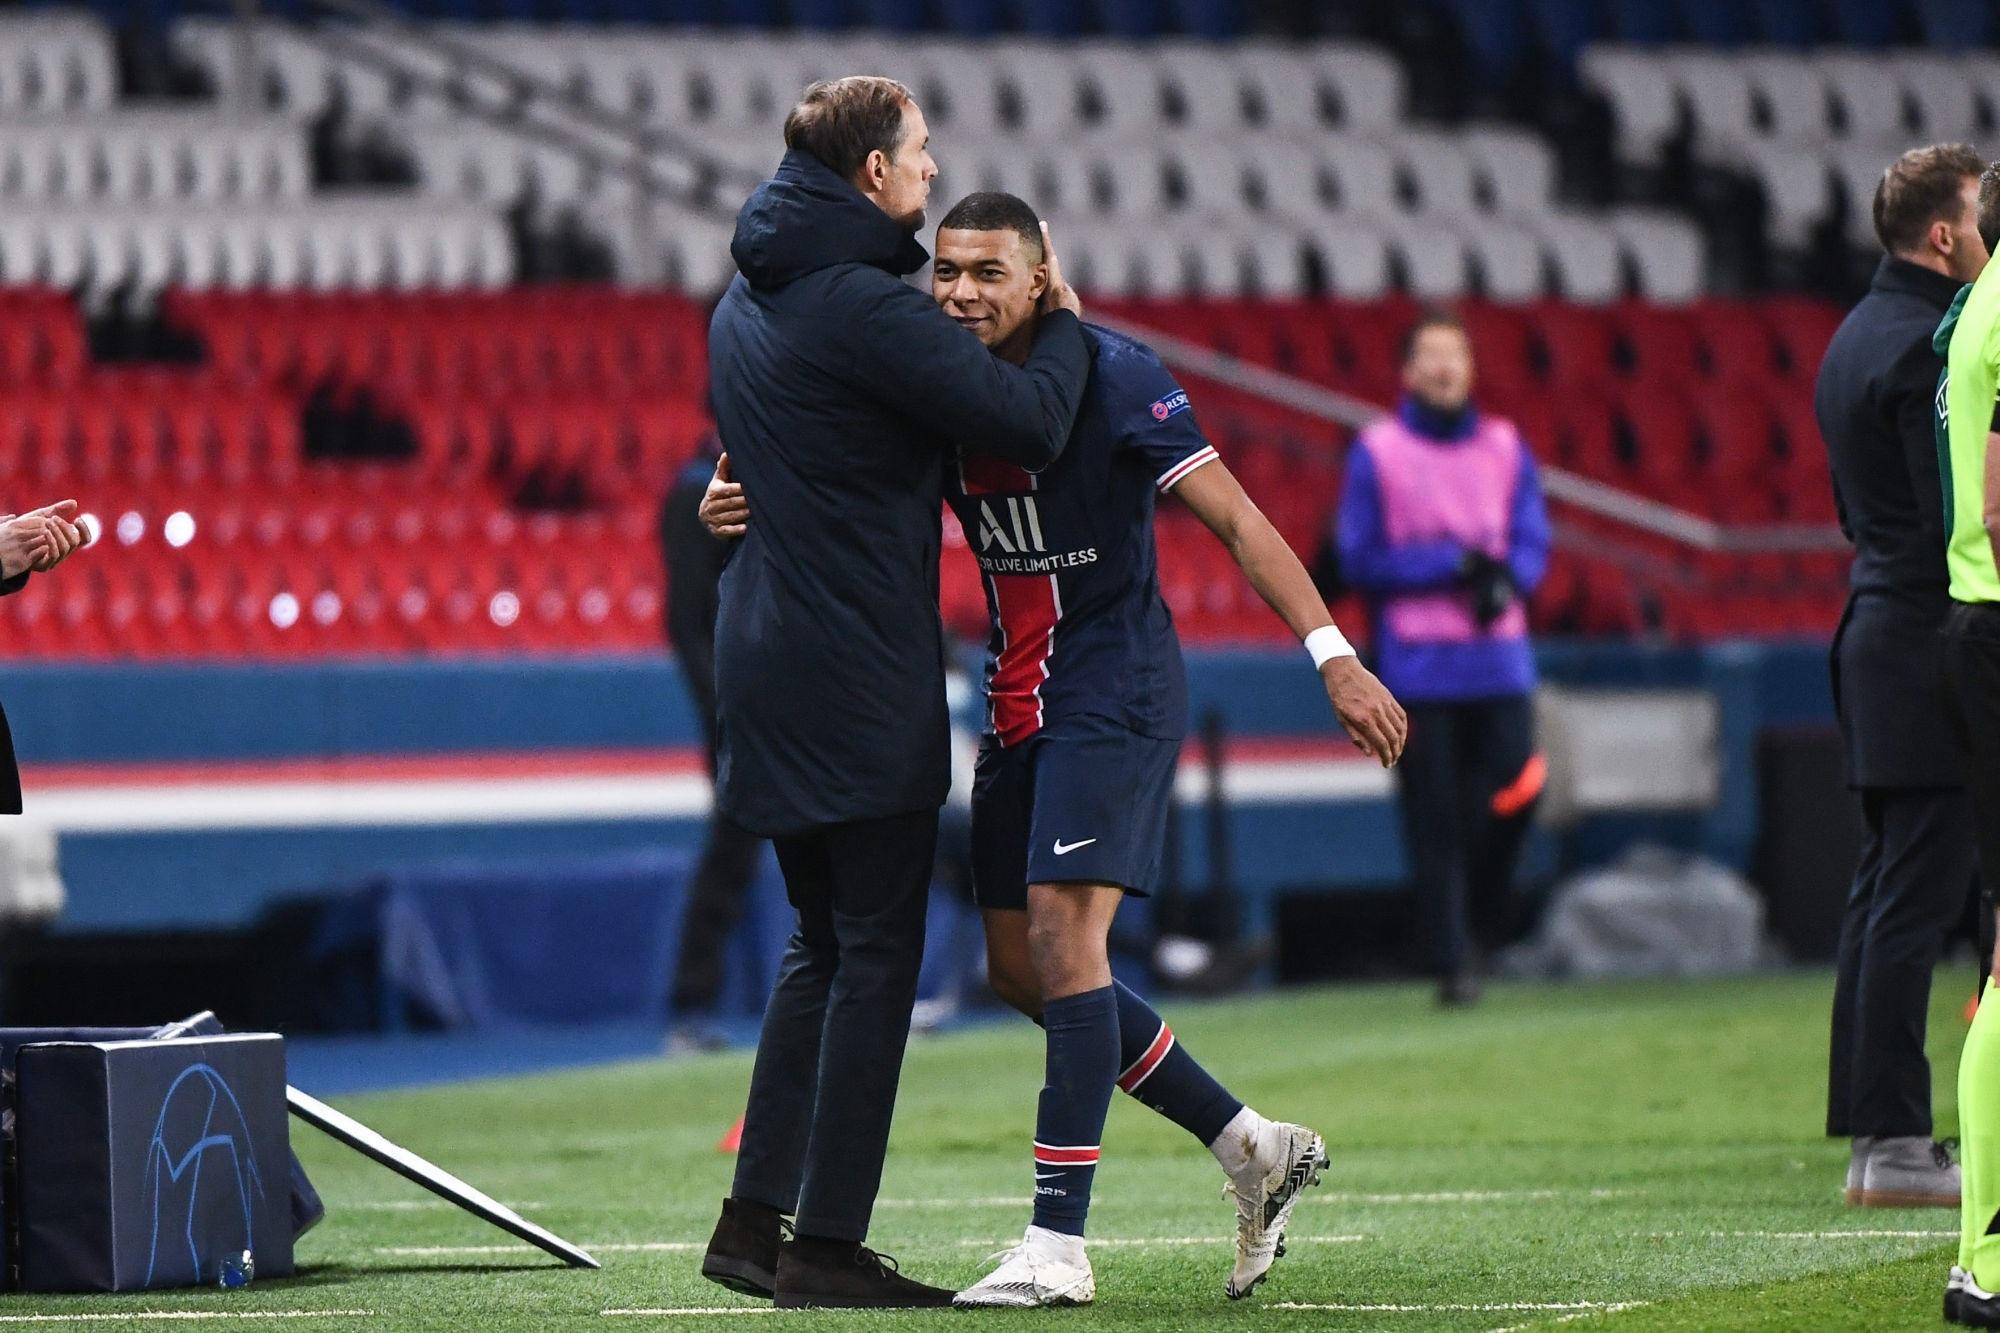 """PSG/Leipzig - Tuchel évoque """"un Paris pragmatique, qui peut jouer comme un groupe solidaire."""""""